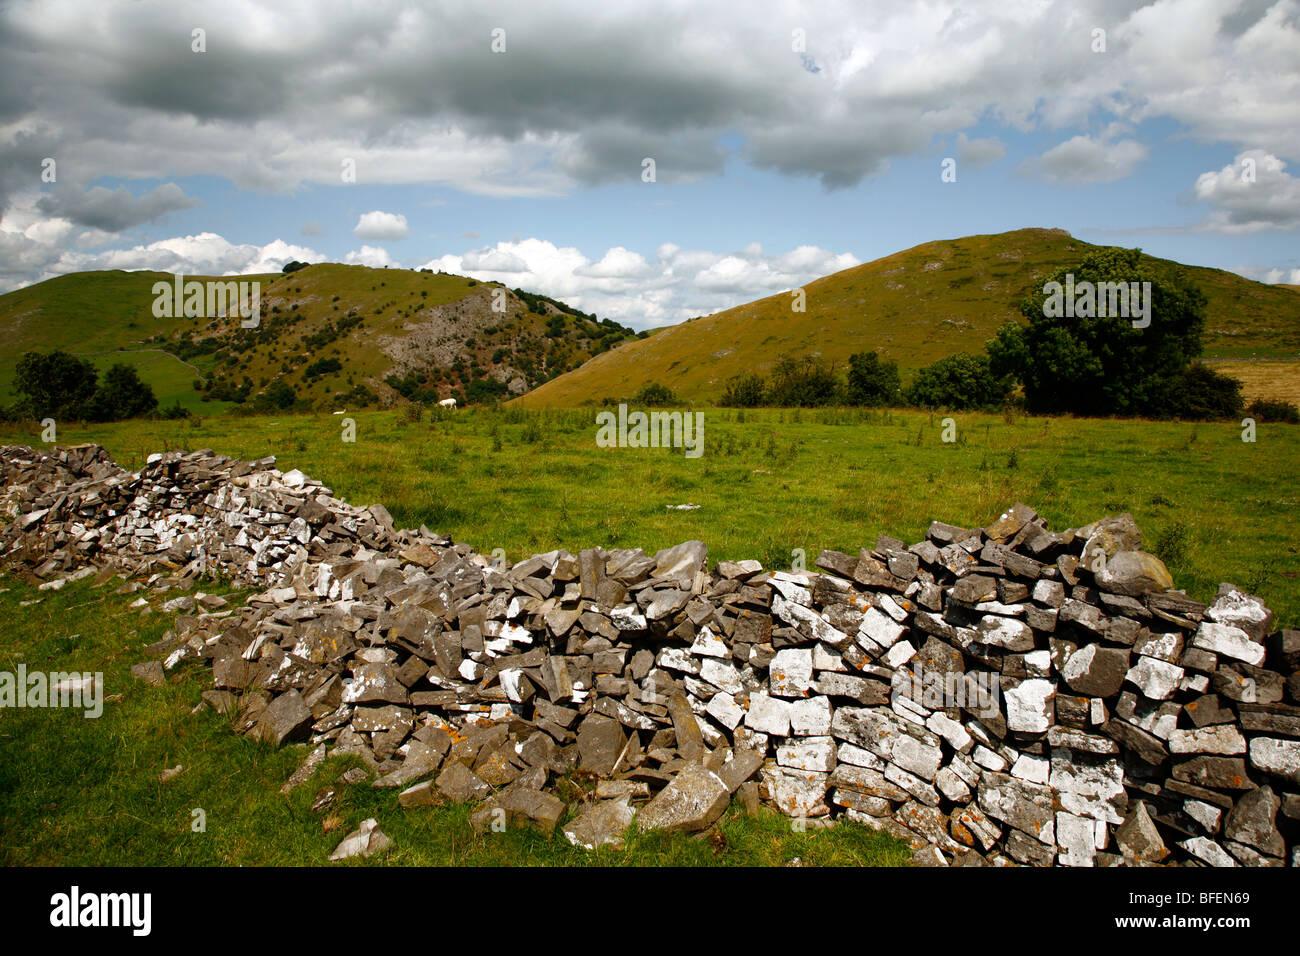 Thorpe cloud e Bunster hill, parco nazionale di Peak District, Derbyshire Dales, Inghilterra, Regno Unito. Immagini Stock